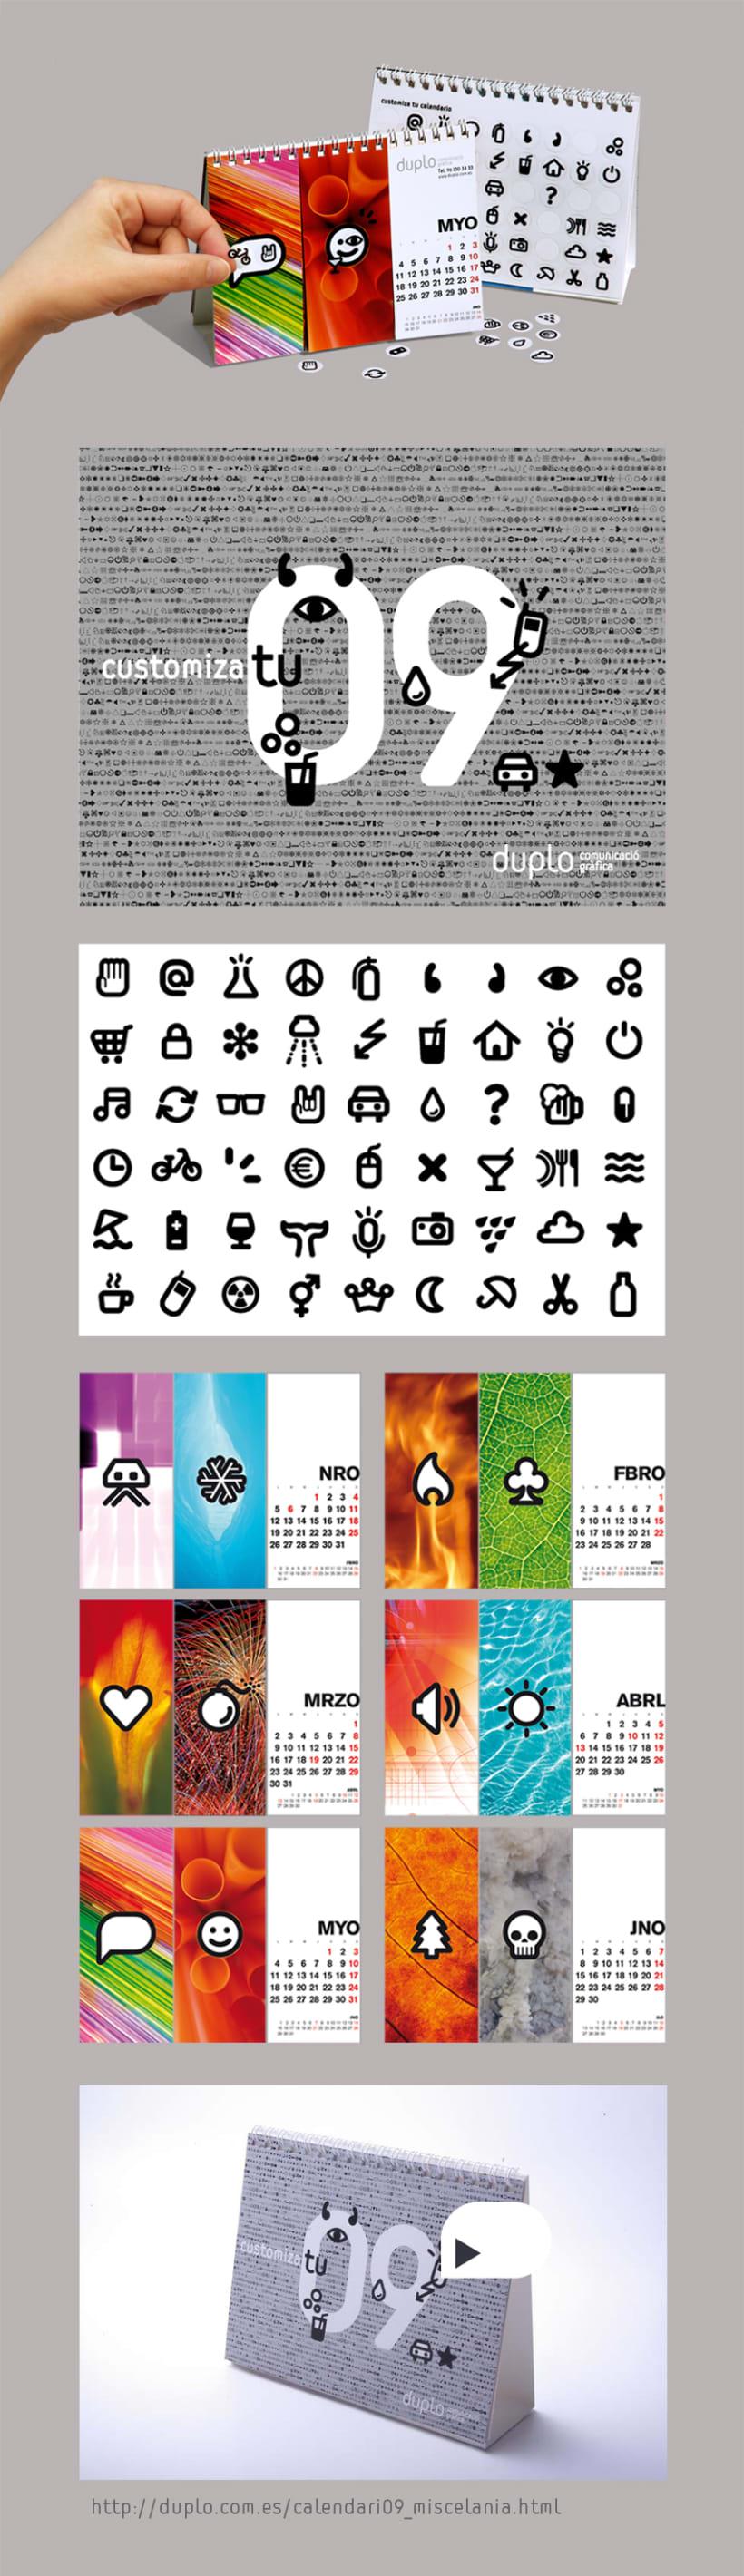 Calendario 2009 2